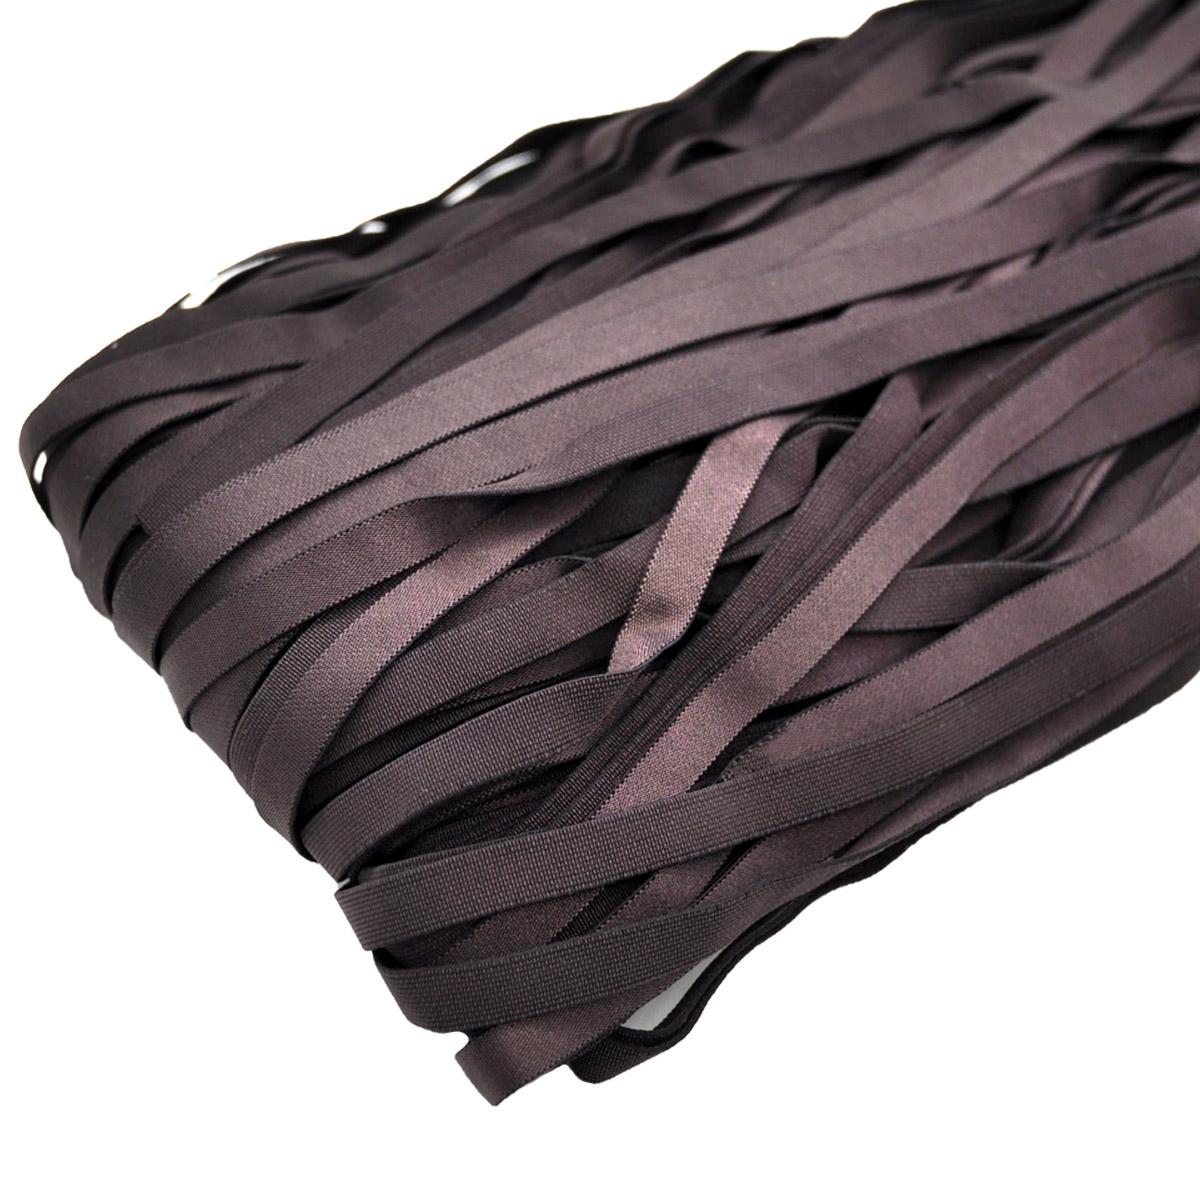 STP/32 эластичная отделочная глянцевая лента 8мм*50м, темный шоколад